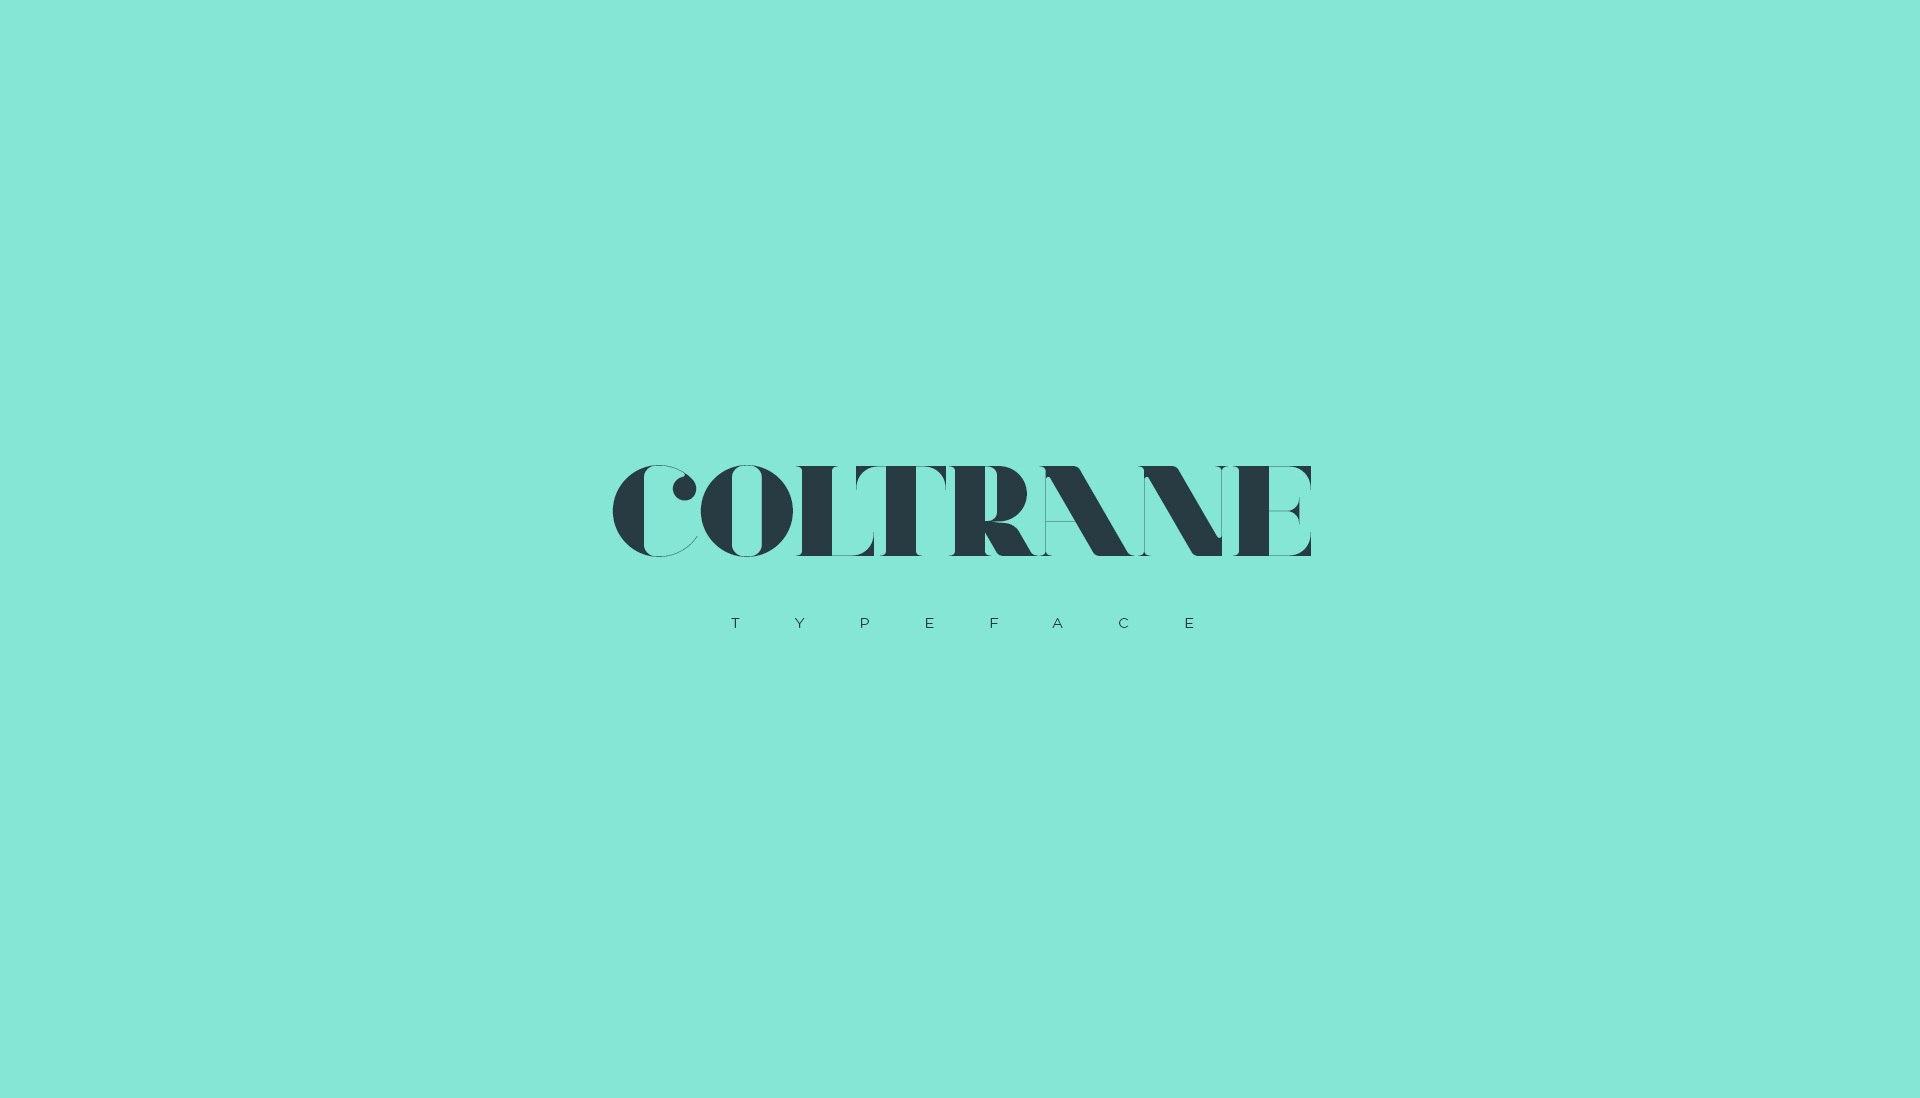 Font Coltrane Regular